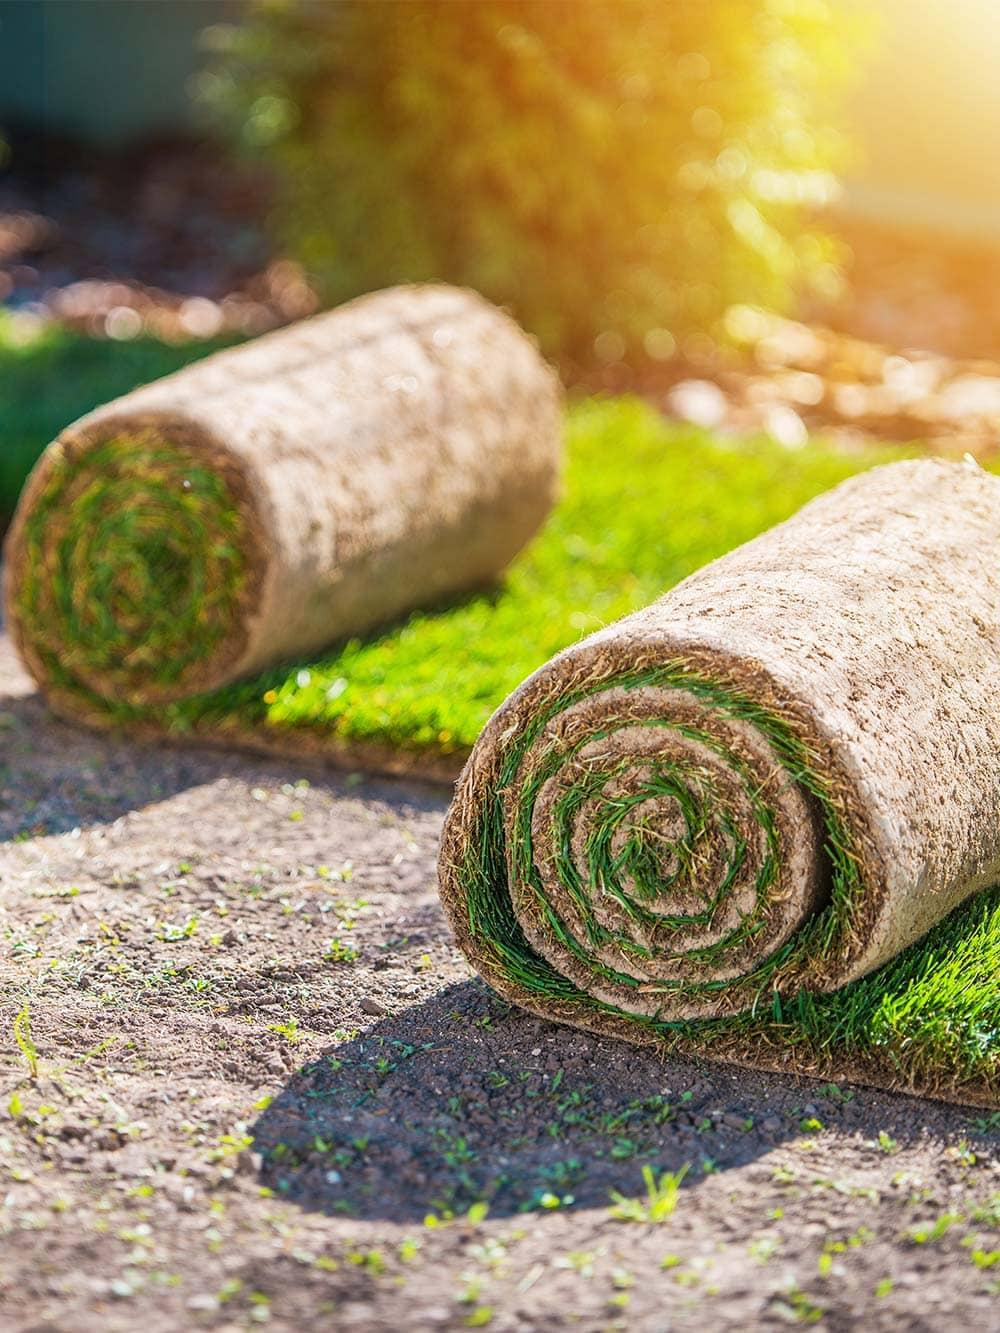 High Quality Garden Lawn Turf